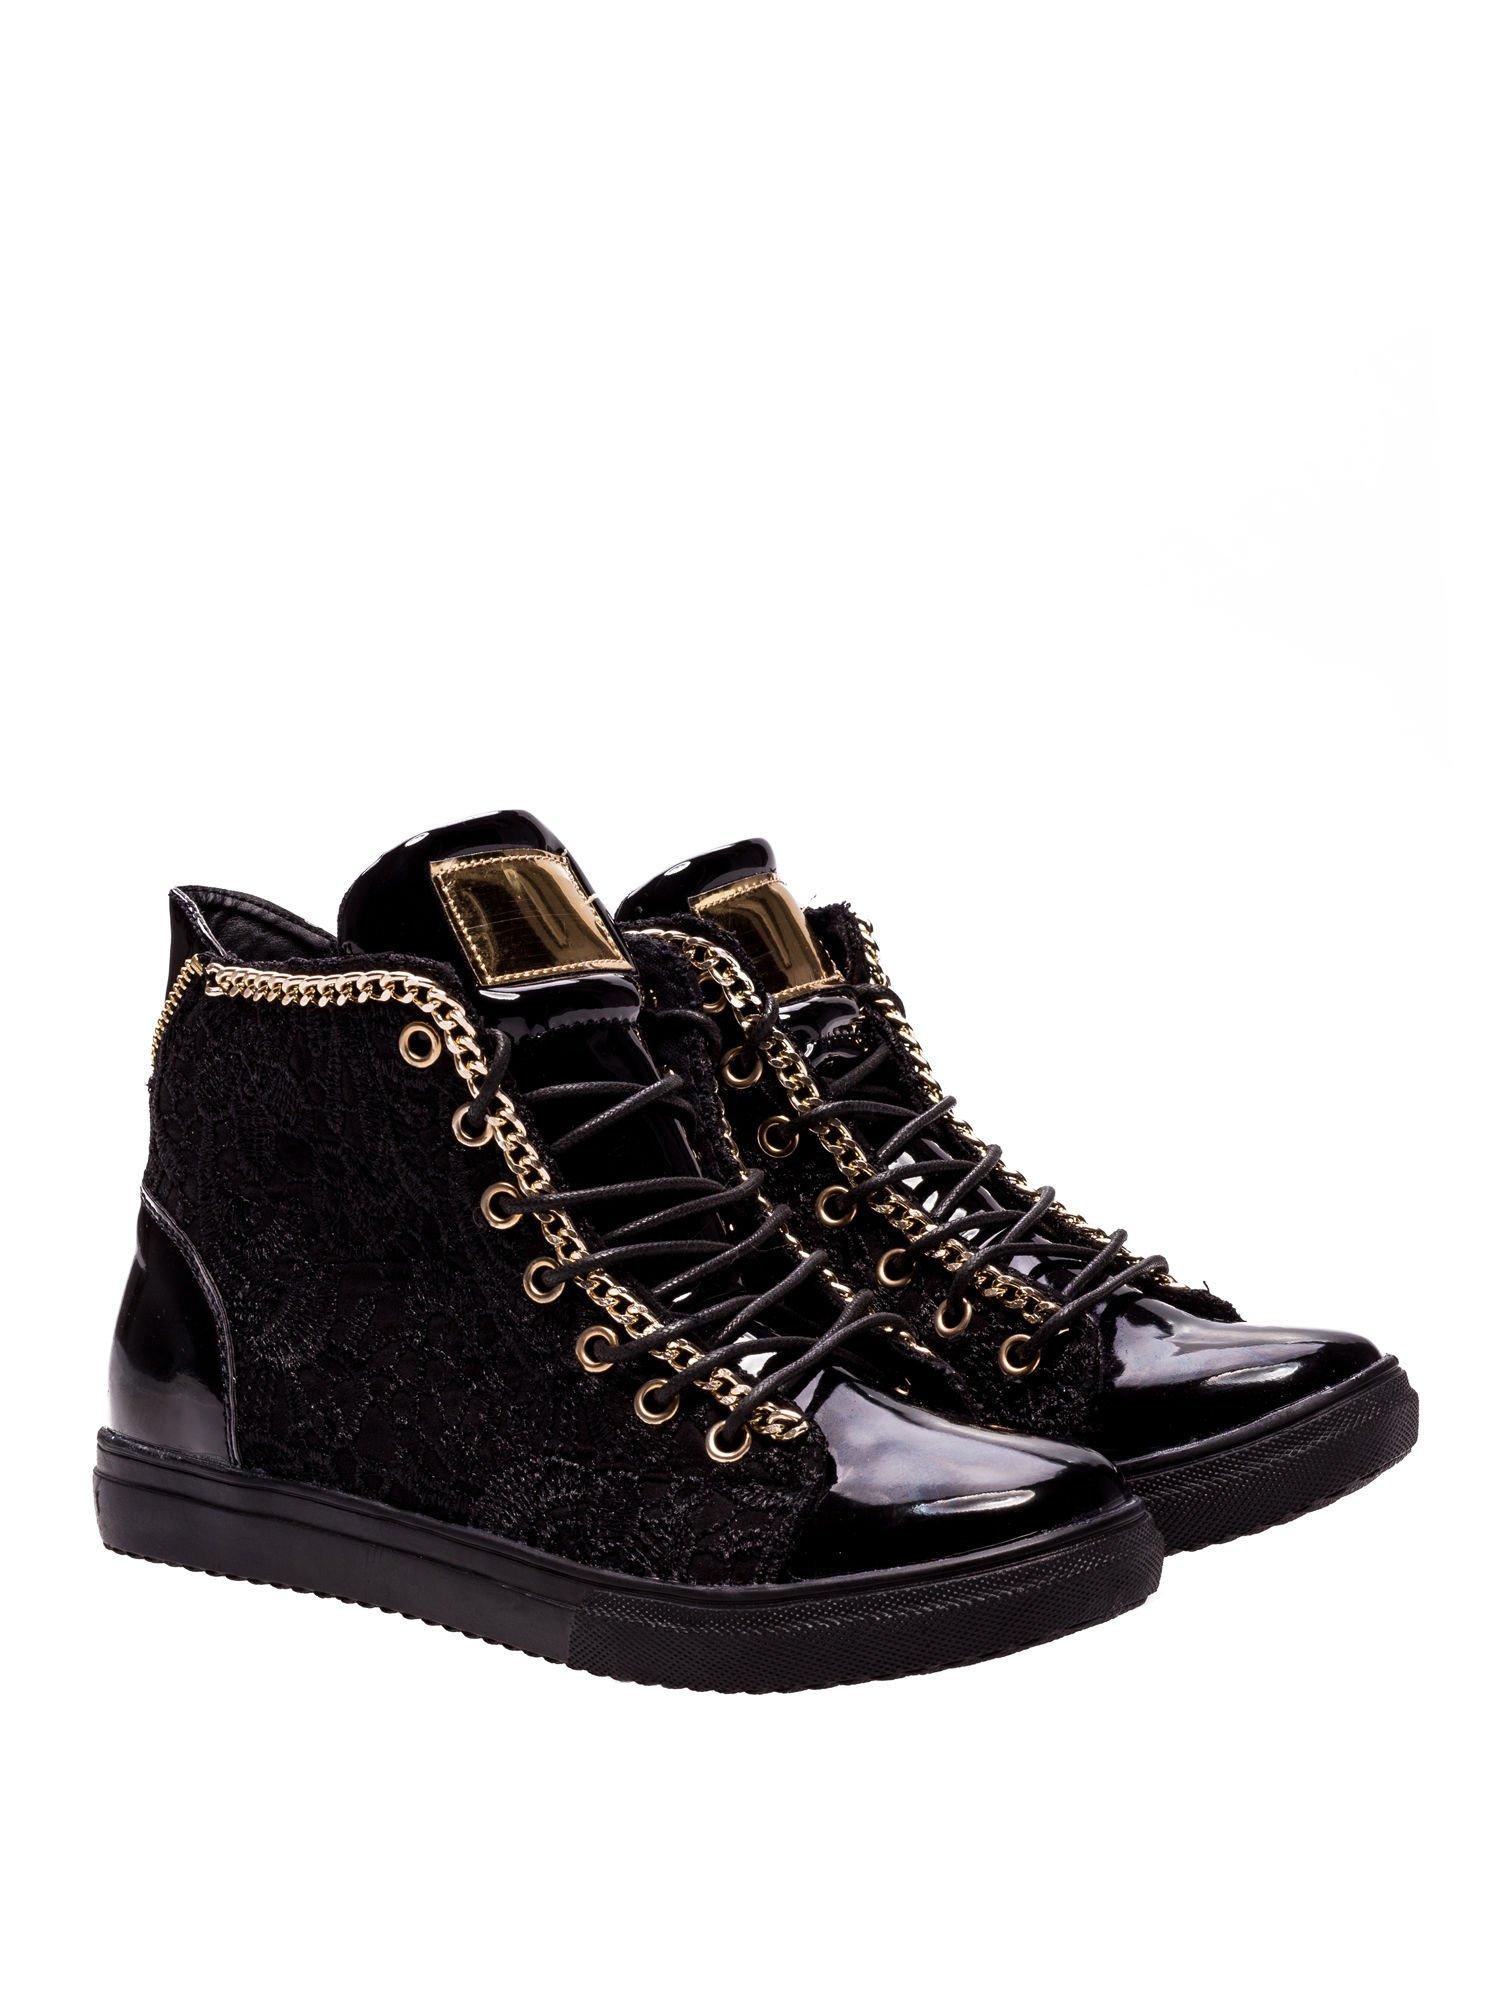 Czarne koronkowe sneakersy z łańcuszkiem                                  zdj.                                  2